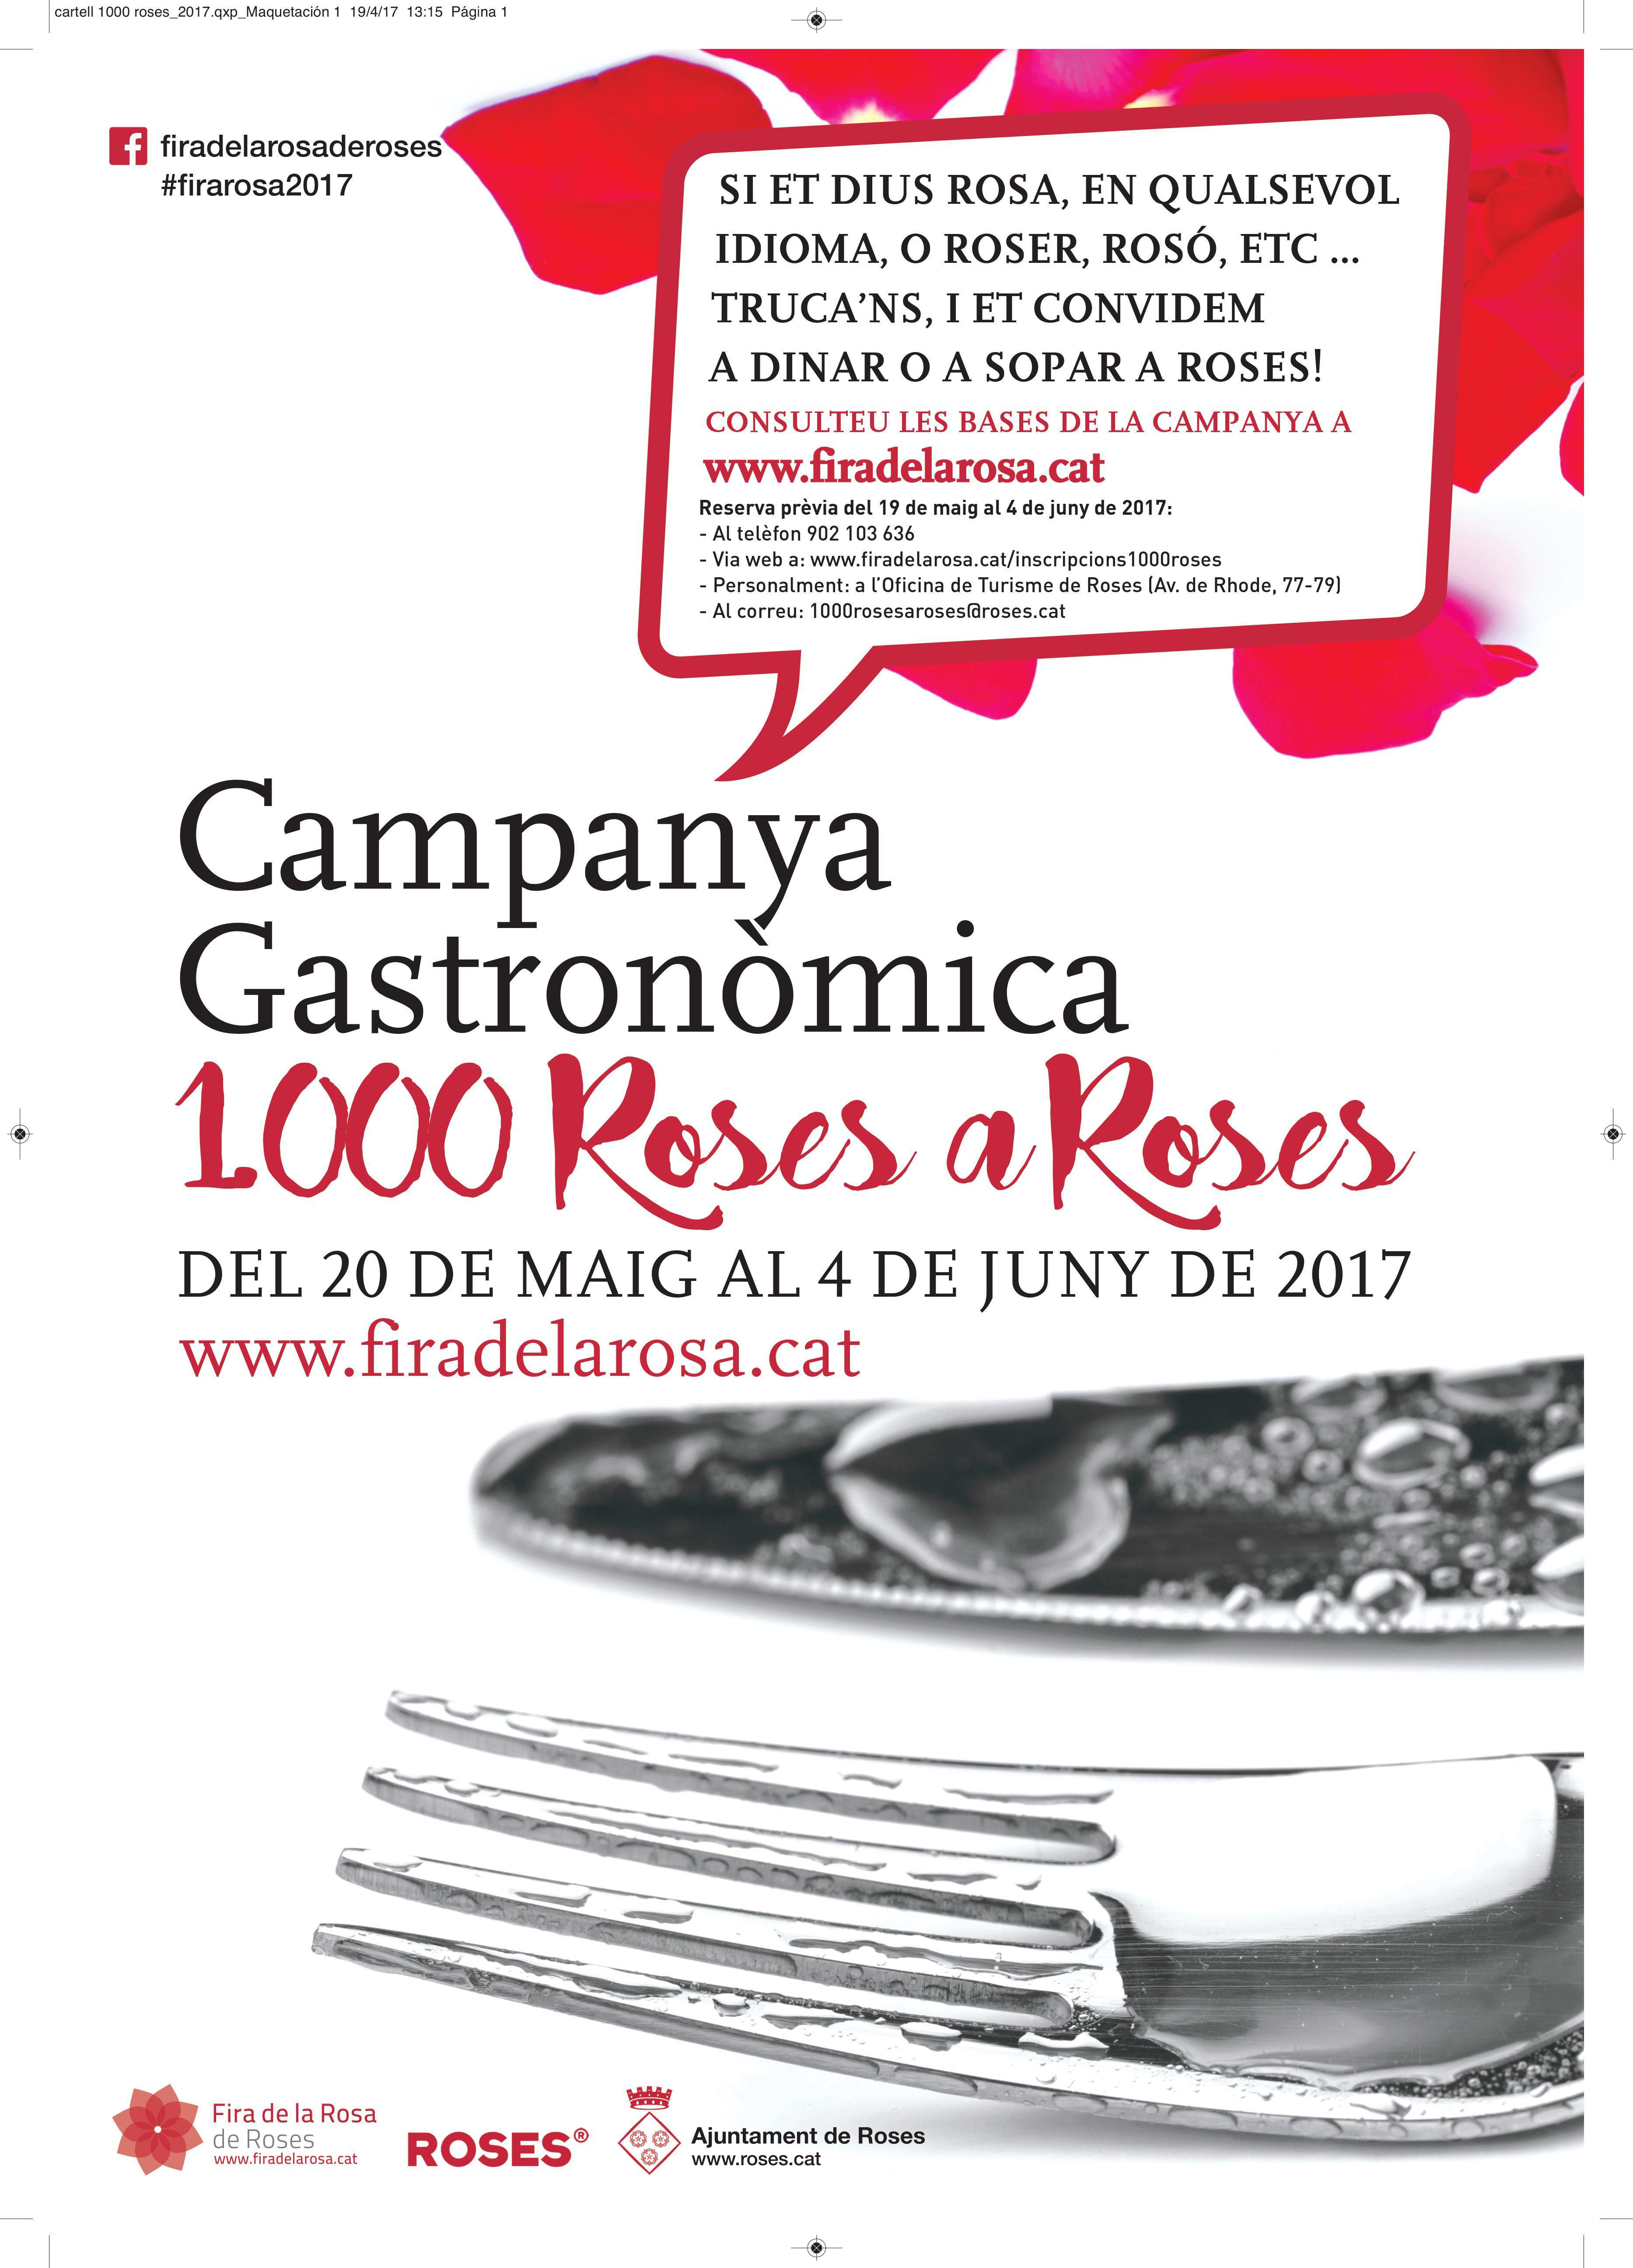 Roses convida 1.000 dones que es diguin Rosa a degustar el Menú de la Rosa